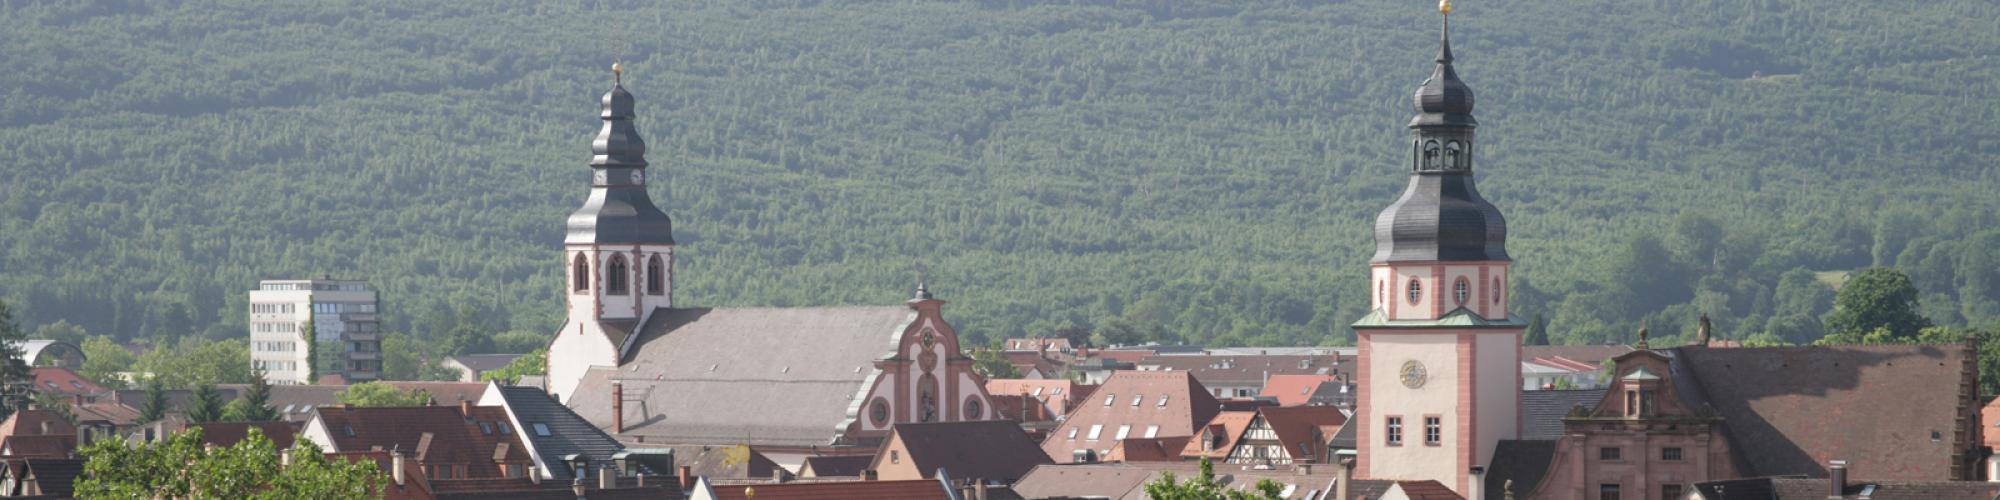 Stadt Ettlingen